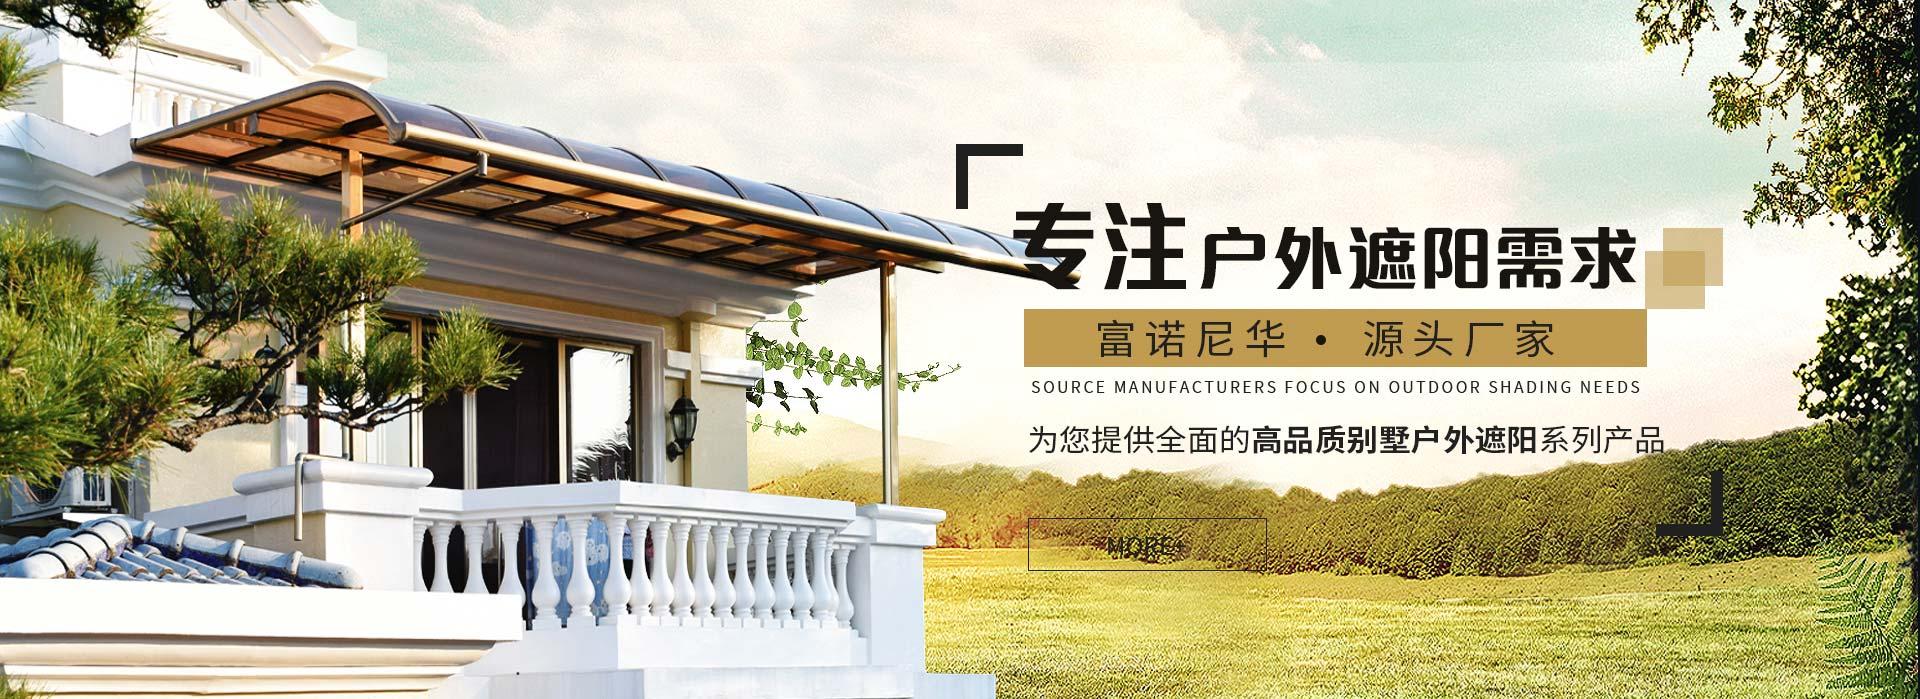 富诺尼华-中国高品质户外遮阳产品实力生产商